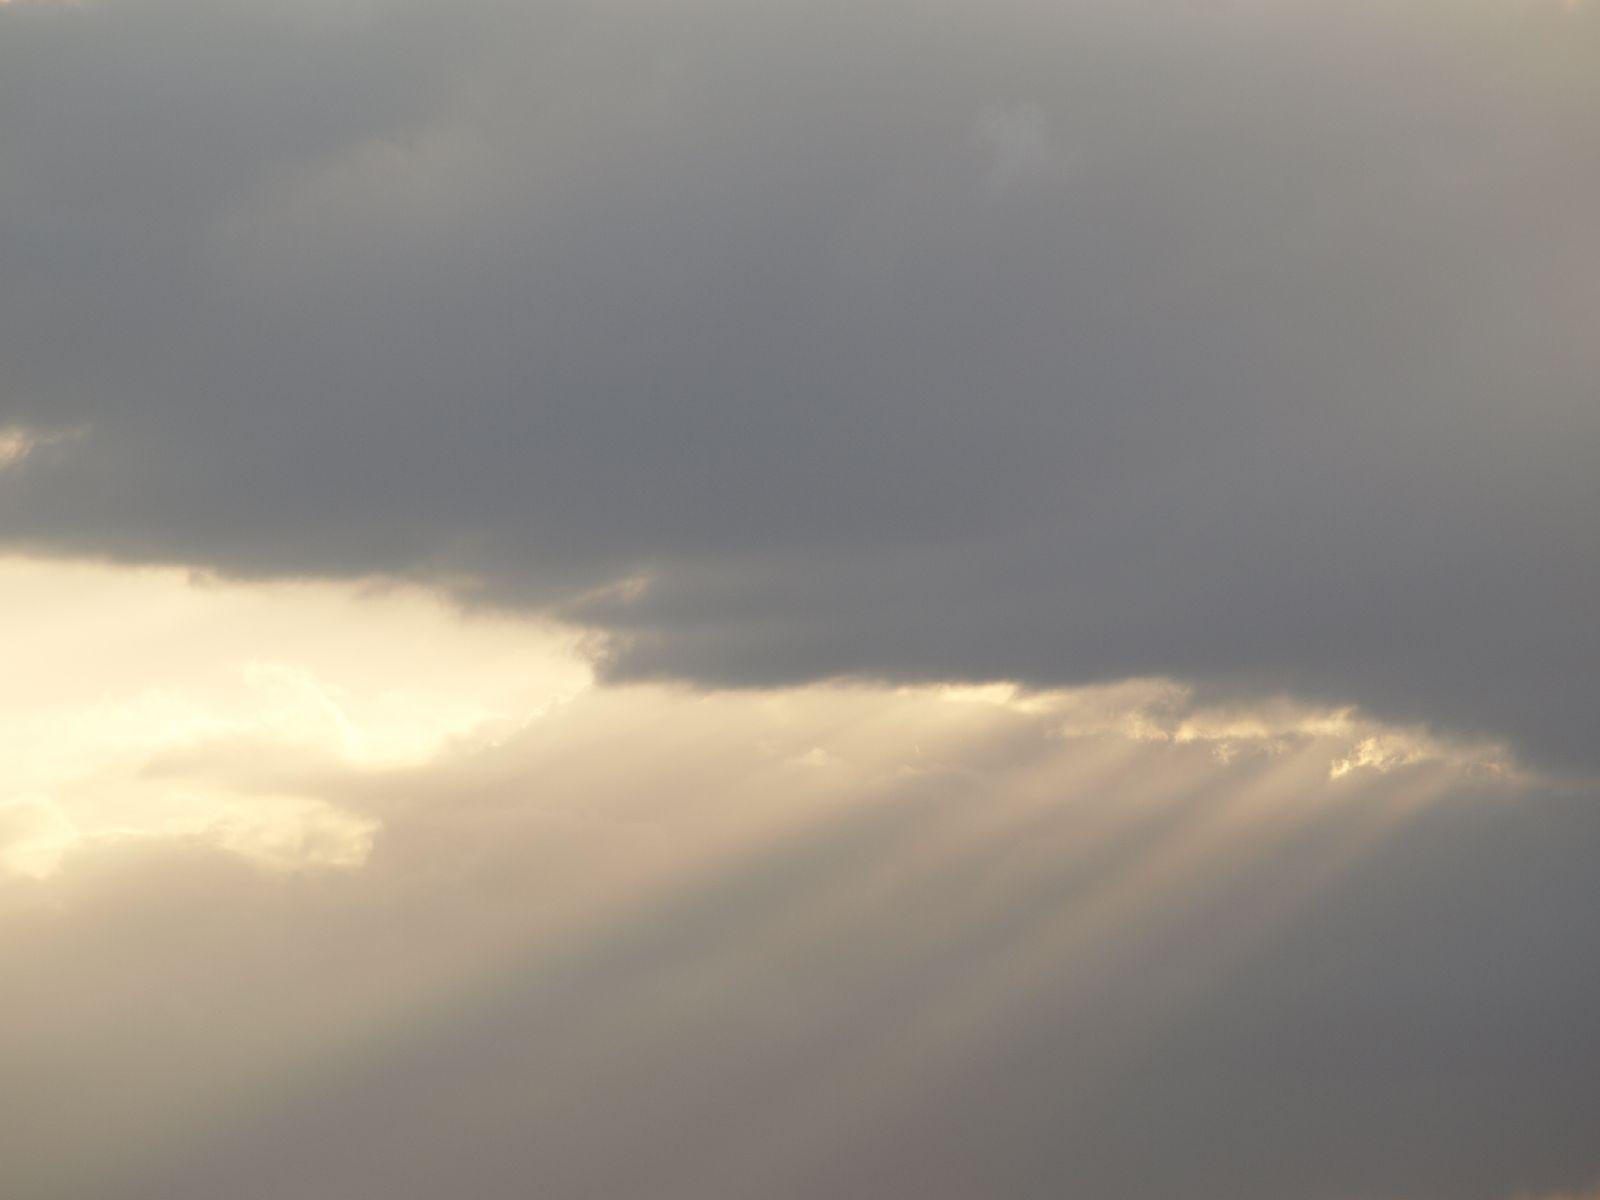 Himmel-Wolken-Foto_Textur_A_P5224441